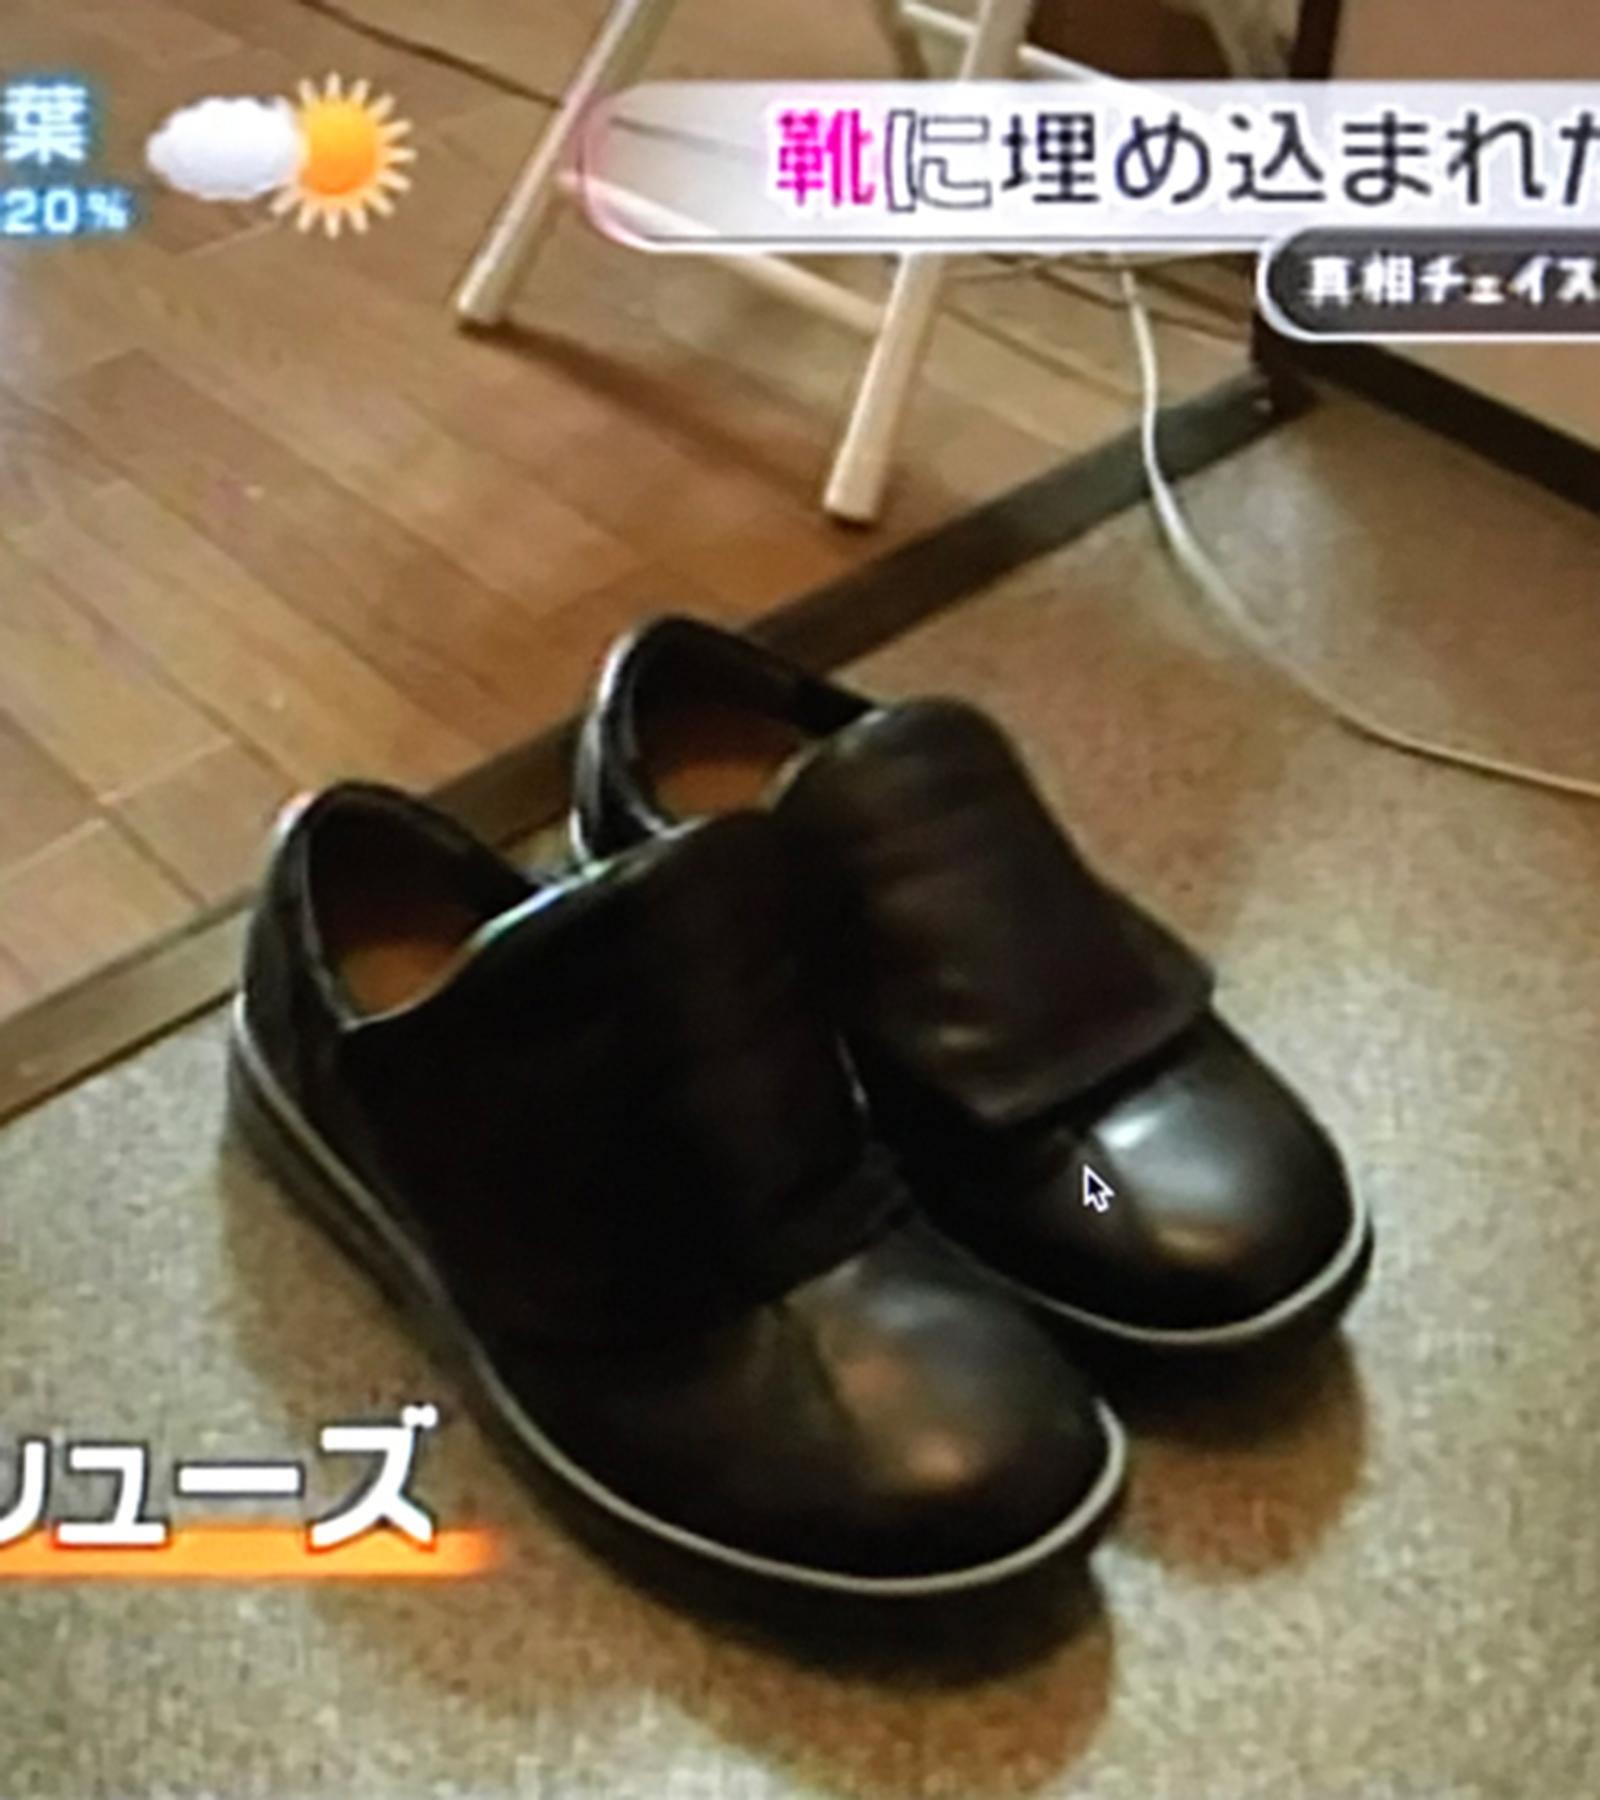 フジテレビ『情報プレゼンター とくダネ!』にて紹介